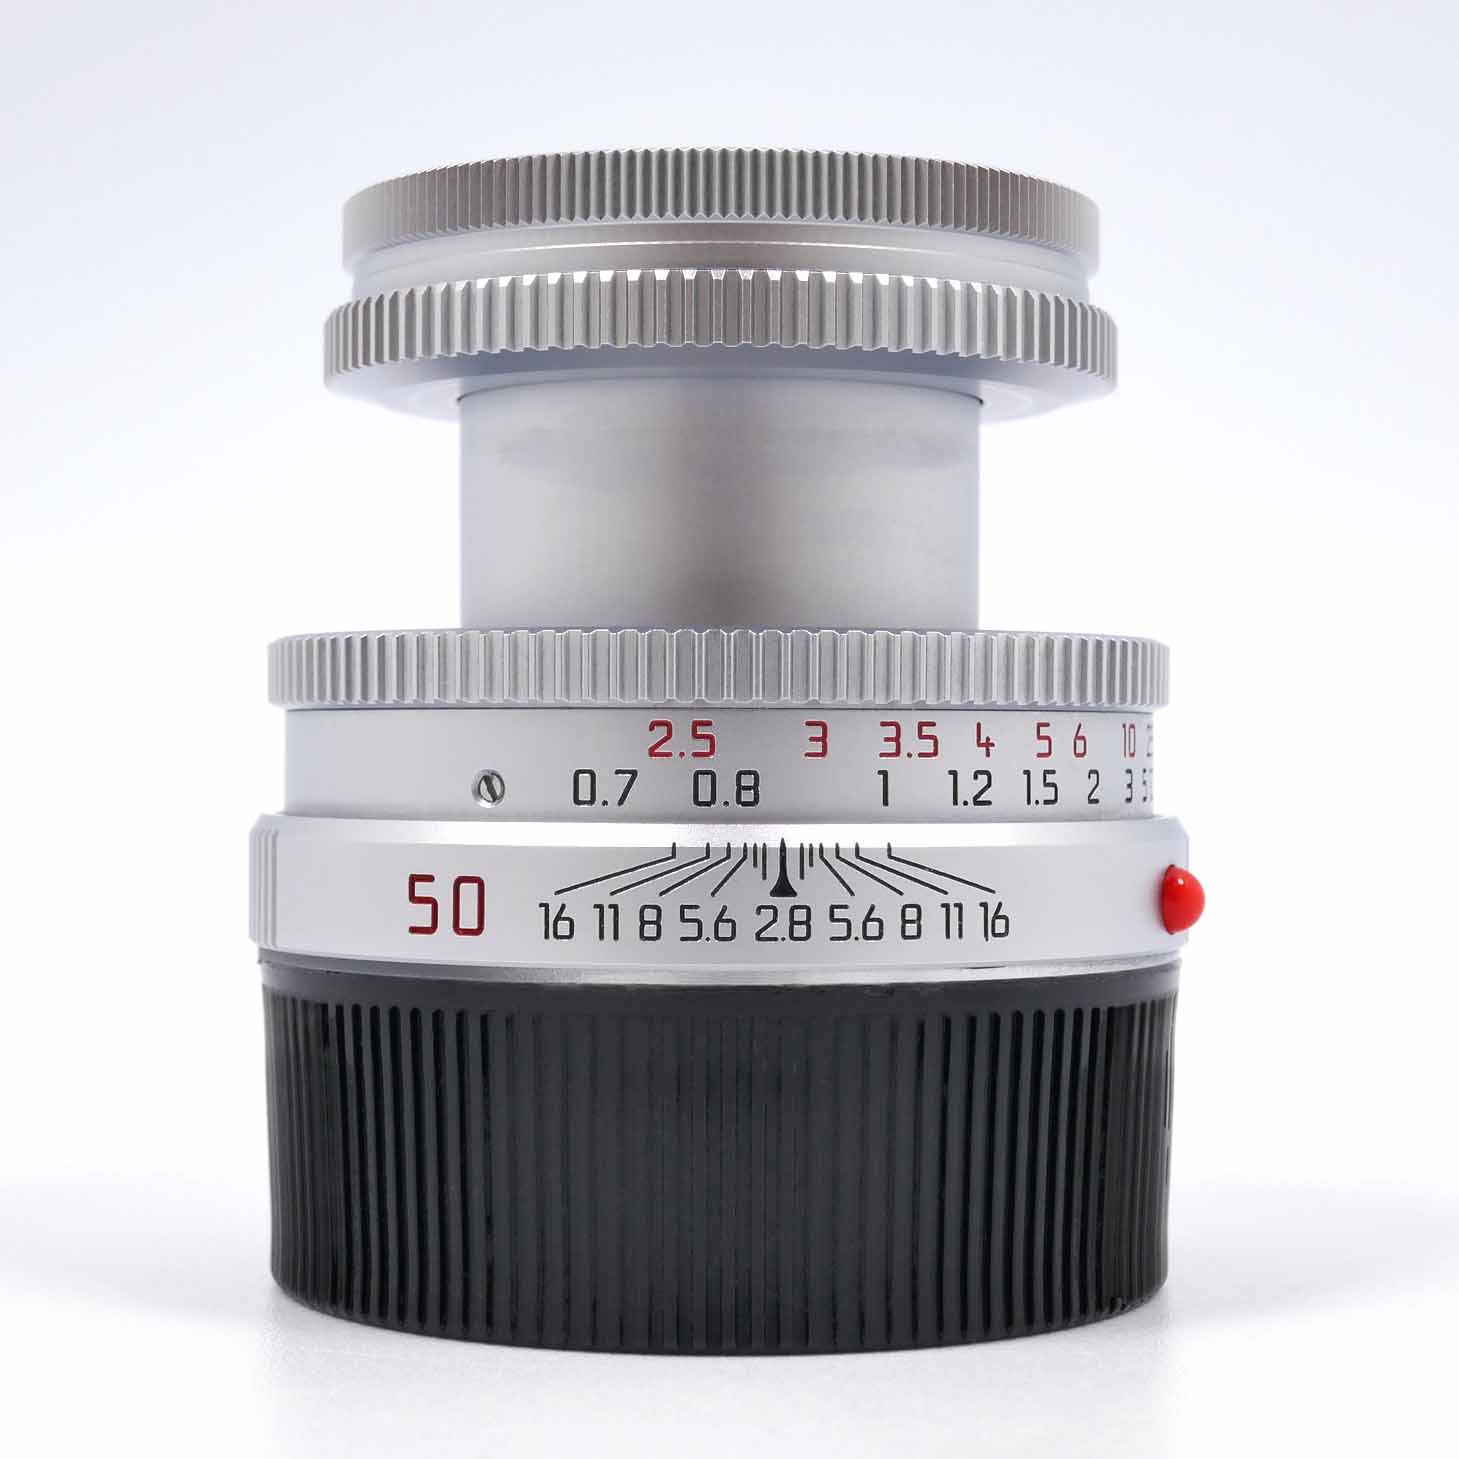 clean-cameras-Leica-Elmar-M-2.8_50mm-11823-05